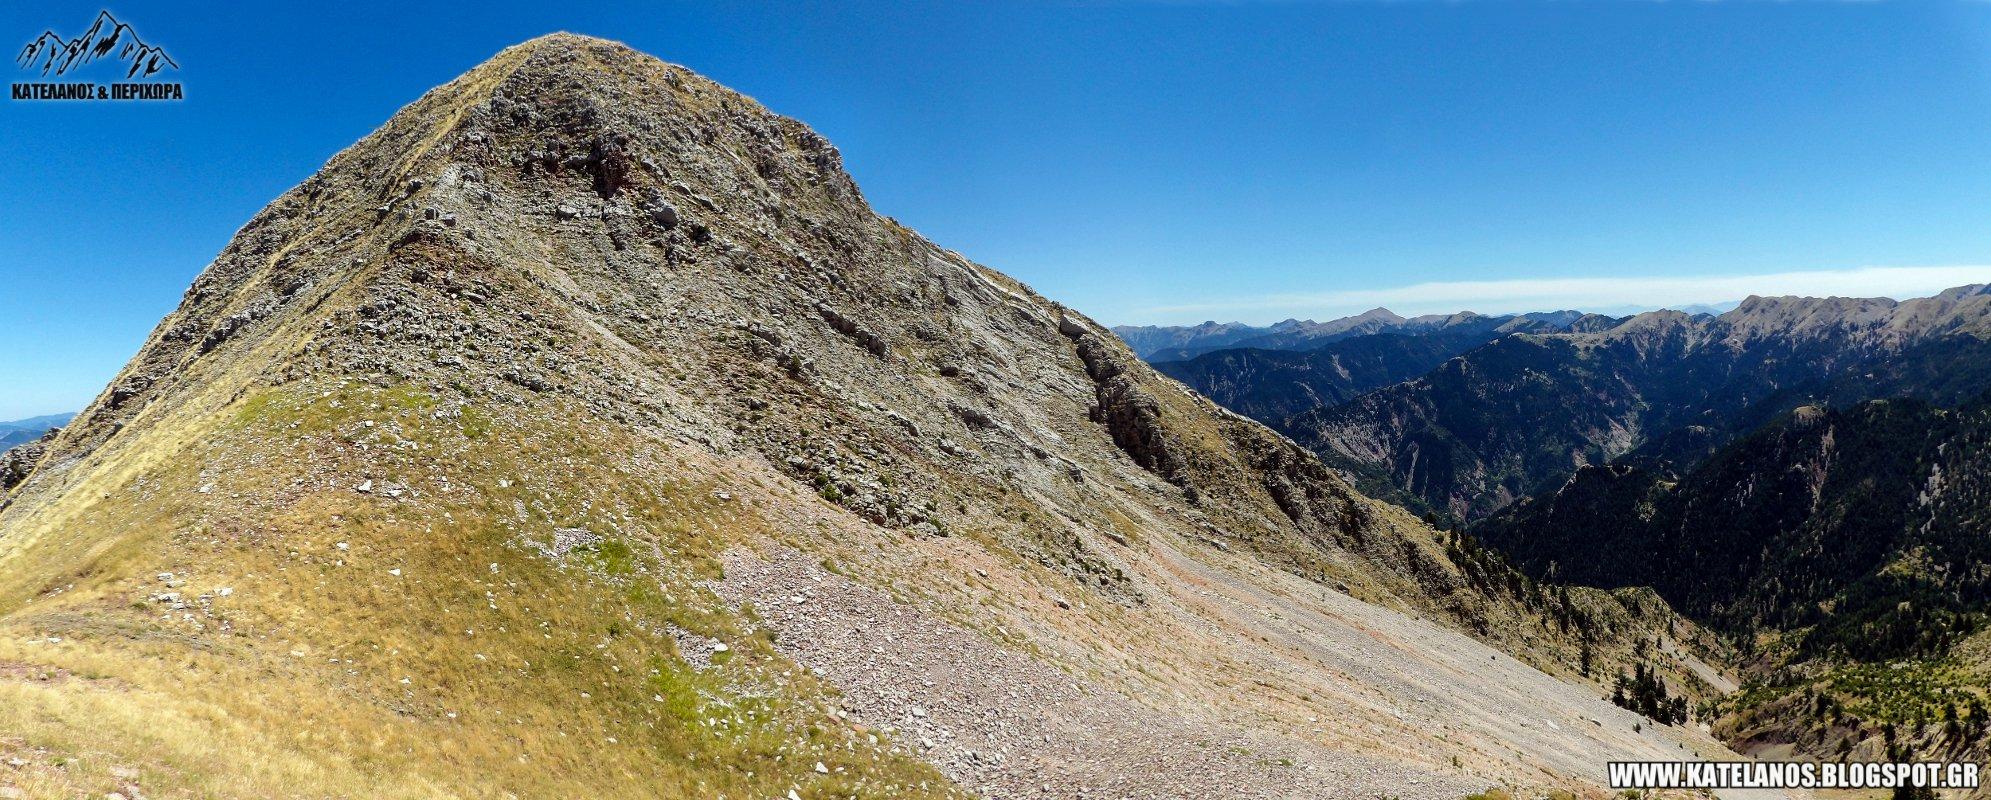 νεραίδοβουνι πανω απο την καταβοθρα ευρυτανιας ορειβασια παναιτωλικο ορος